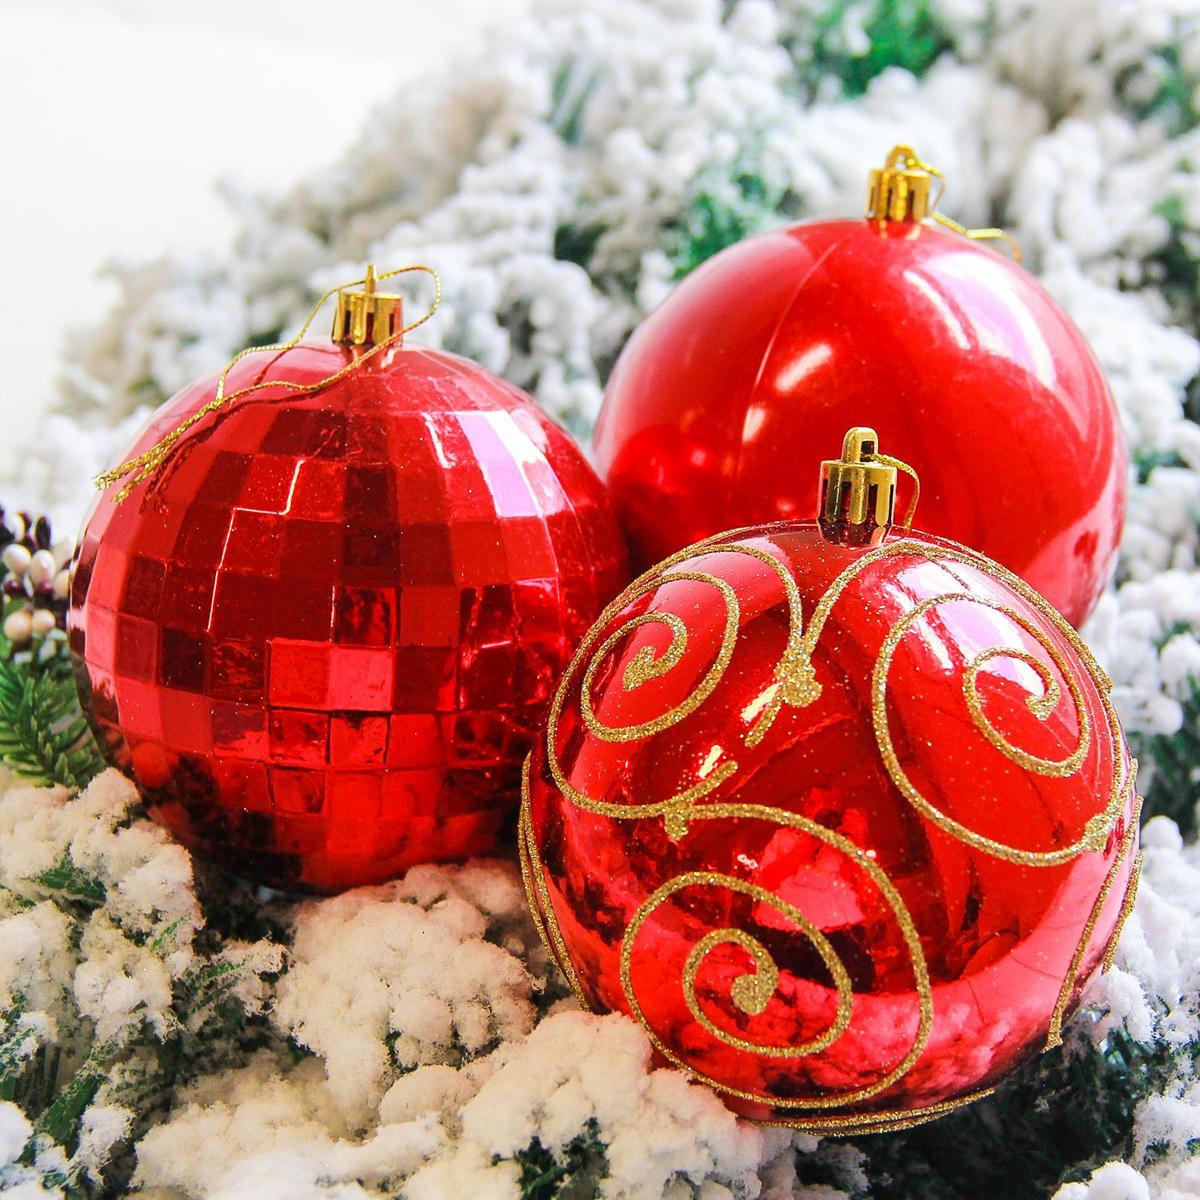 Набор новогодних подвесных украшений Sima-land Чары, цвет: красный, диаметр 10 см, 4 шт2178222Набор новогодних подвесных украшений Sima-land отлично подойдет для декорации вашего дома и новогодней ели. С помощью специальной петельки украшение можно повесить в любом понравившемся вам месте. Но, конечно, удачнее всего оно будет смотреться на праздничной елке. Елочная игрушка - символ Нового года. Она несет в себе волшебство и красоту праздника. Создайте в своем доме атмосферу веселья и радости, украшая новогоднюю елку нарядными игрушками, которые будут из года в год накапливать теплоту воспоминаний.